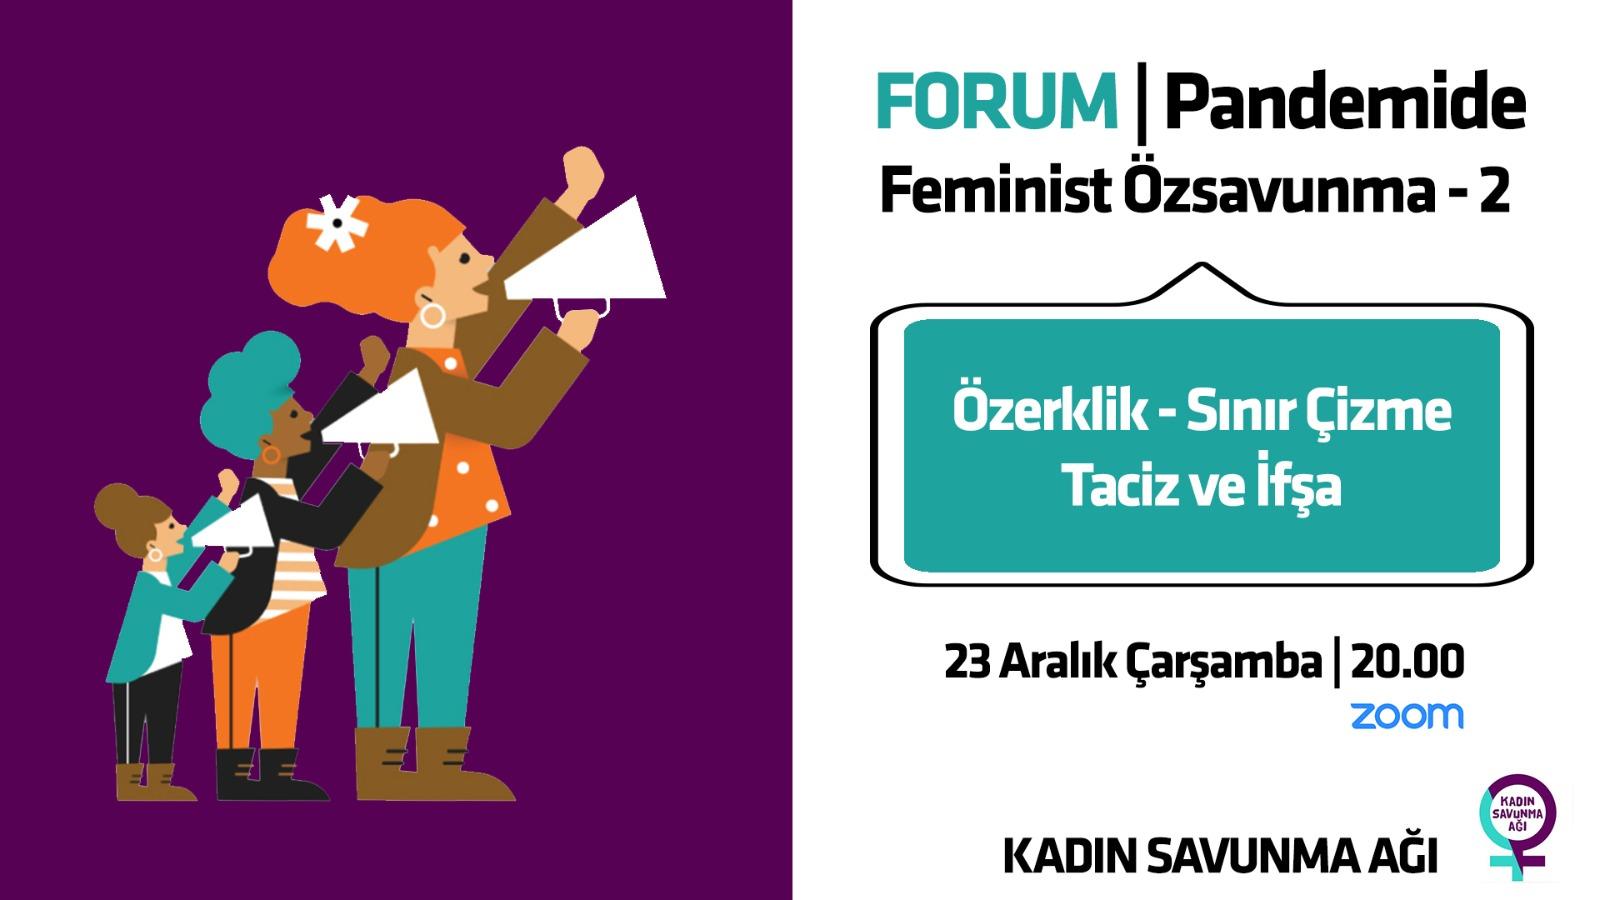 Konuşacak çok şeyimiz var: Pandemide Feminist Özsavunma / Özerklik-Sınır Çizme-Taciz ve İfşa